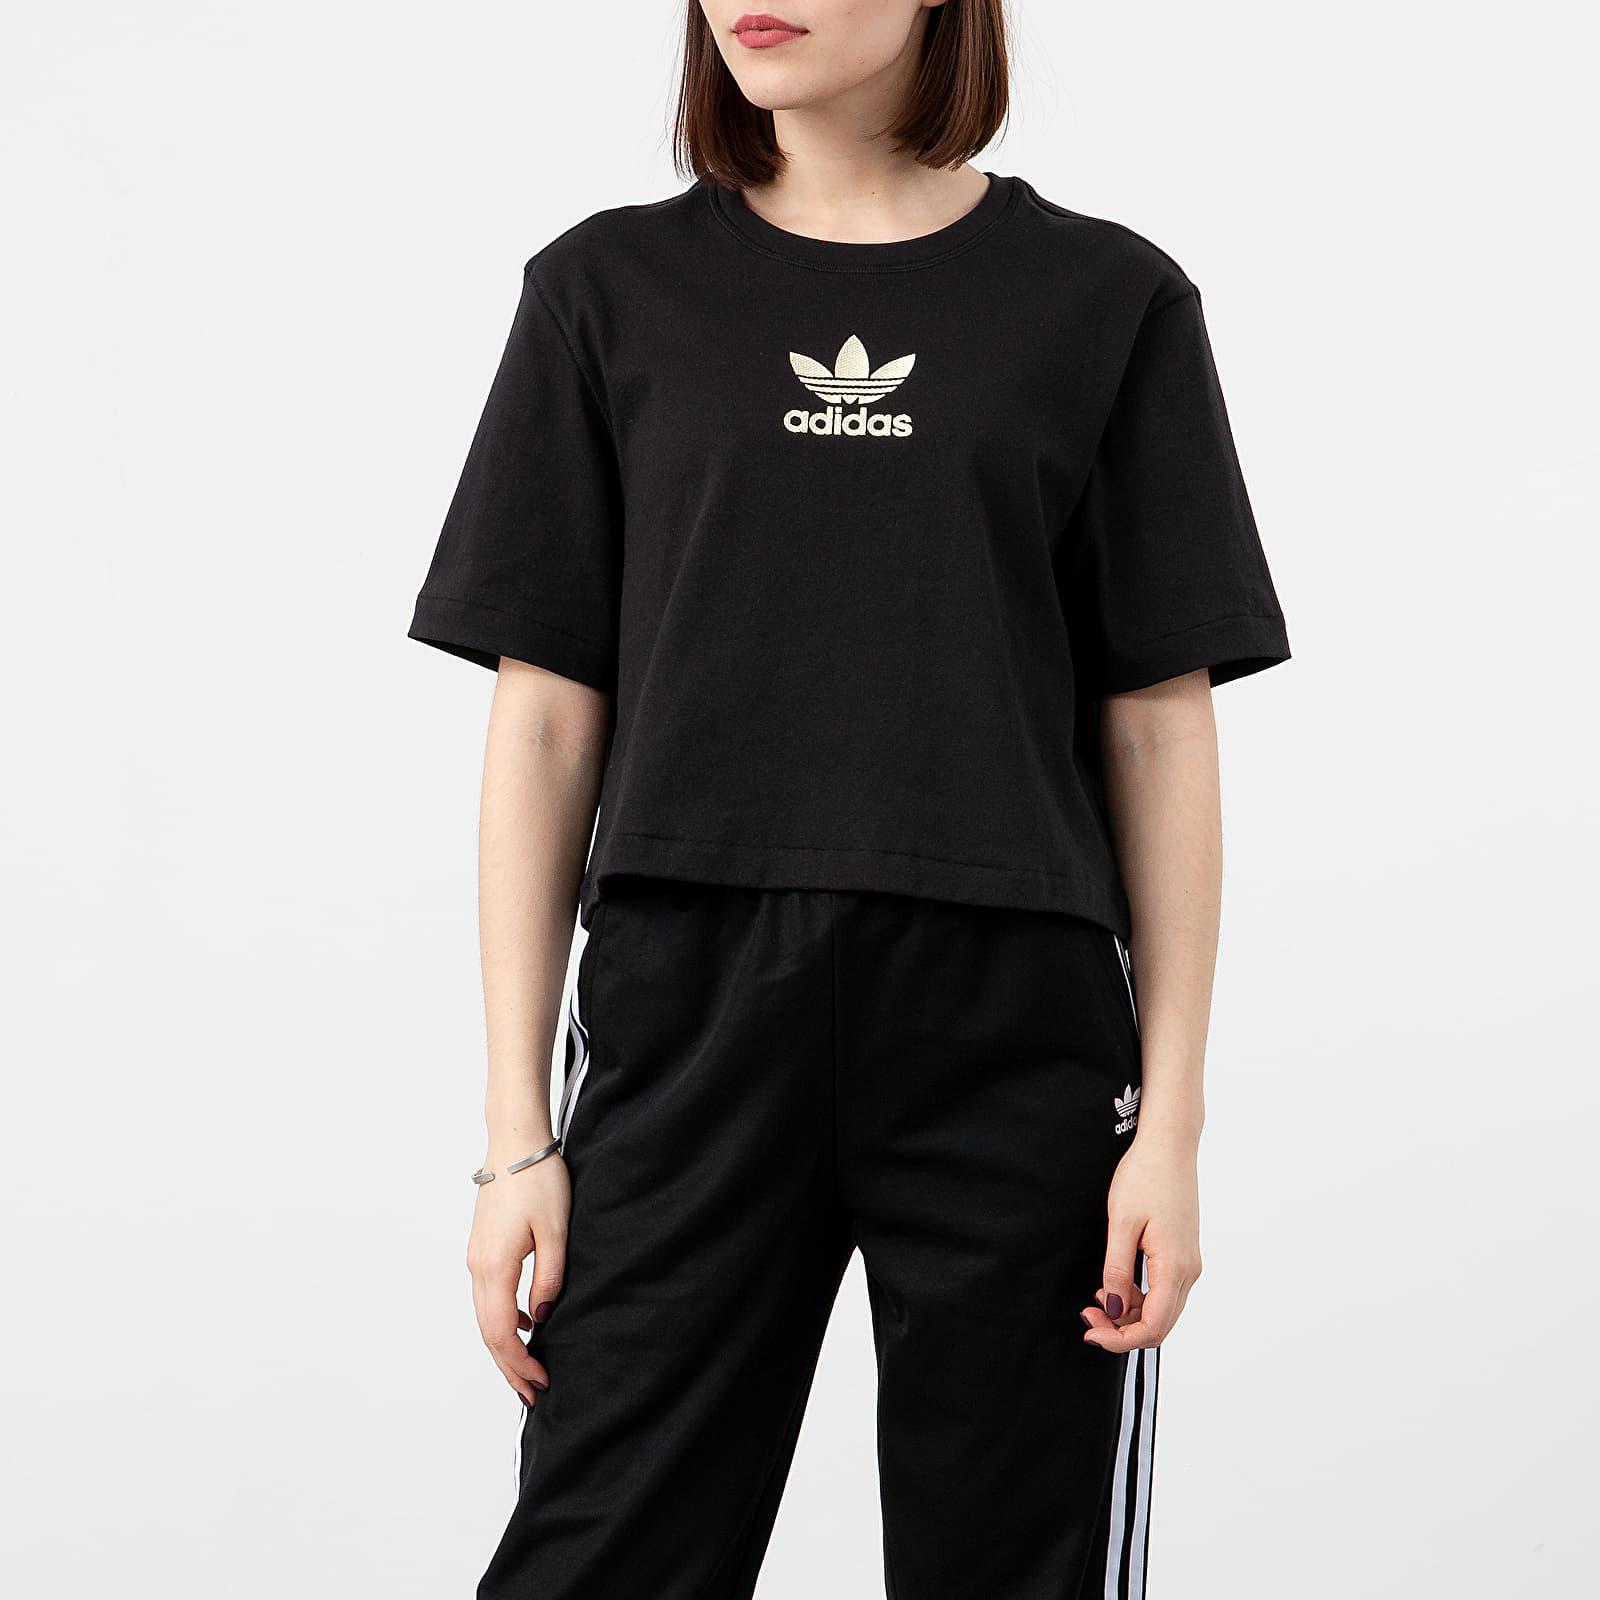 T-shirts adidas LG Tee Black